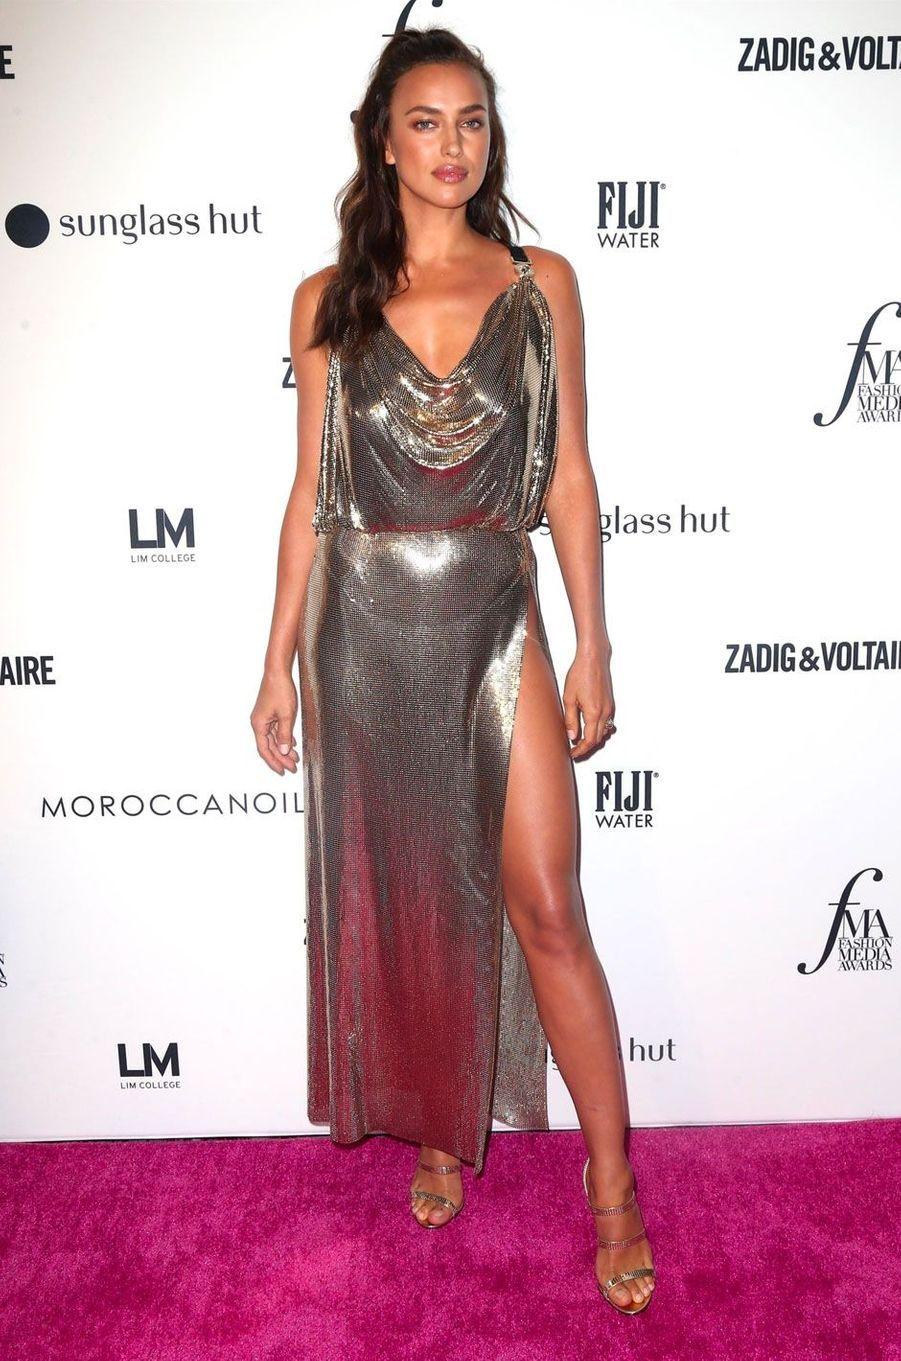 Irina Shayk à la soirée des Daily Front Row's Fashion Media Awards à New York, le 6 septembre 2018